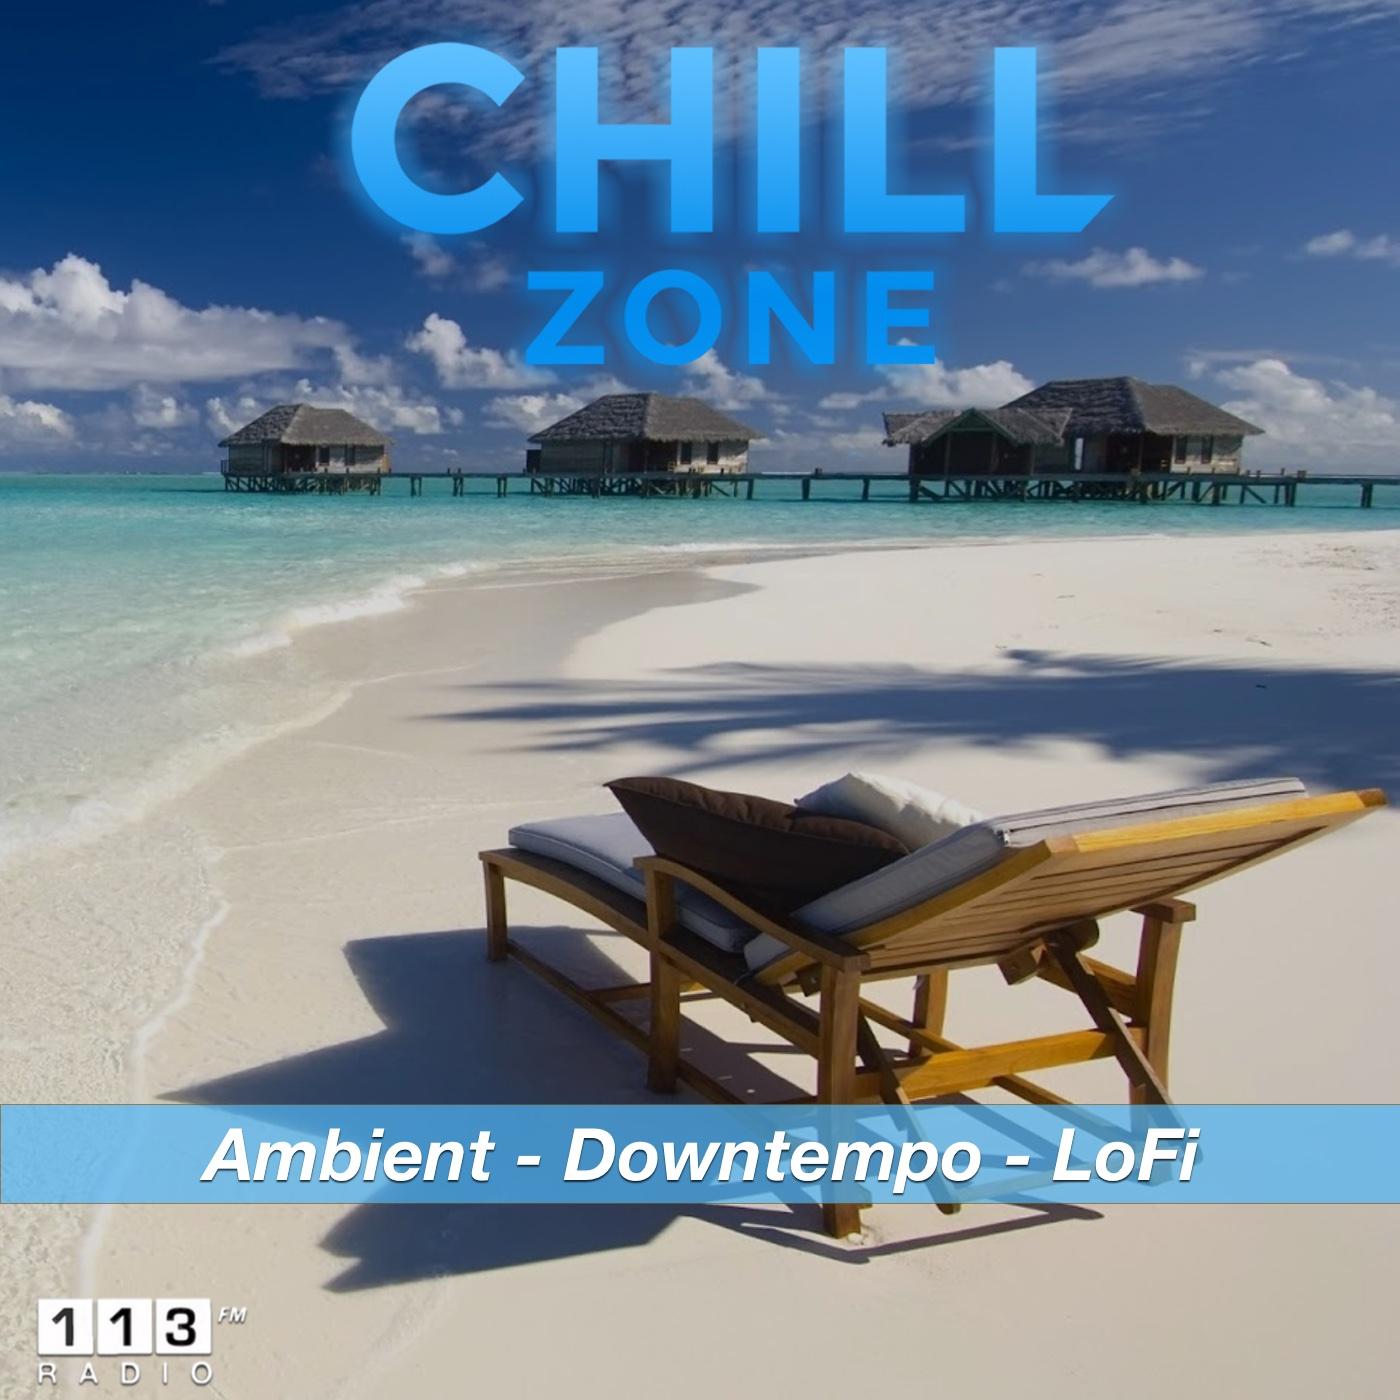 113.fm Chill Zone